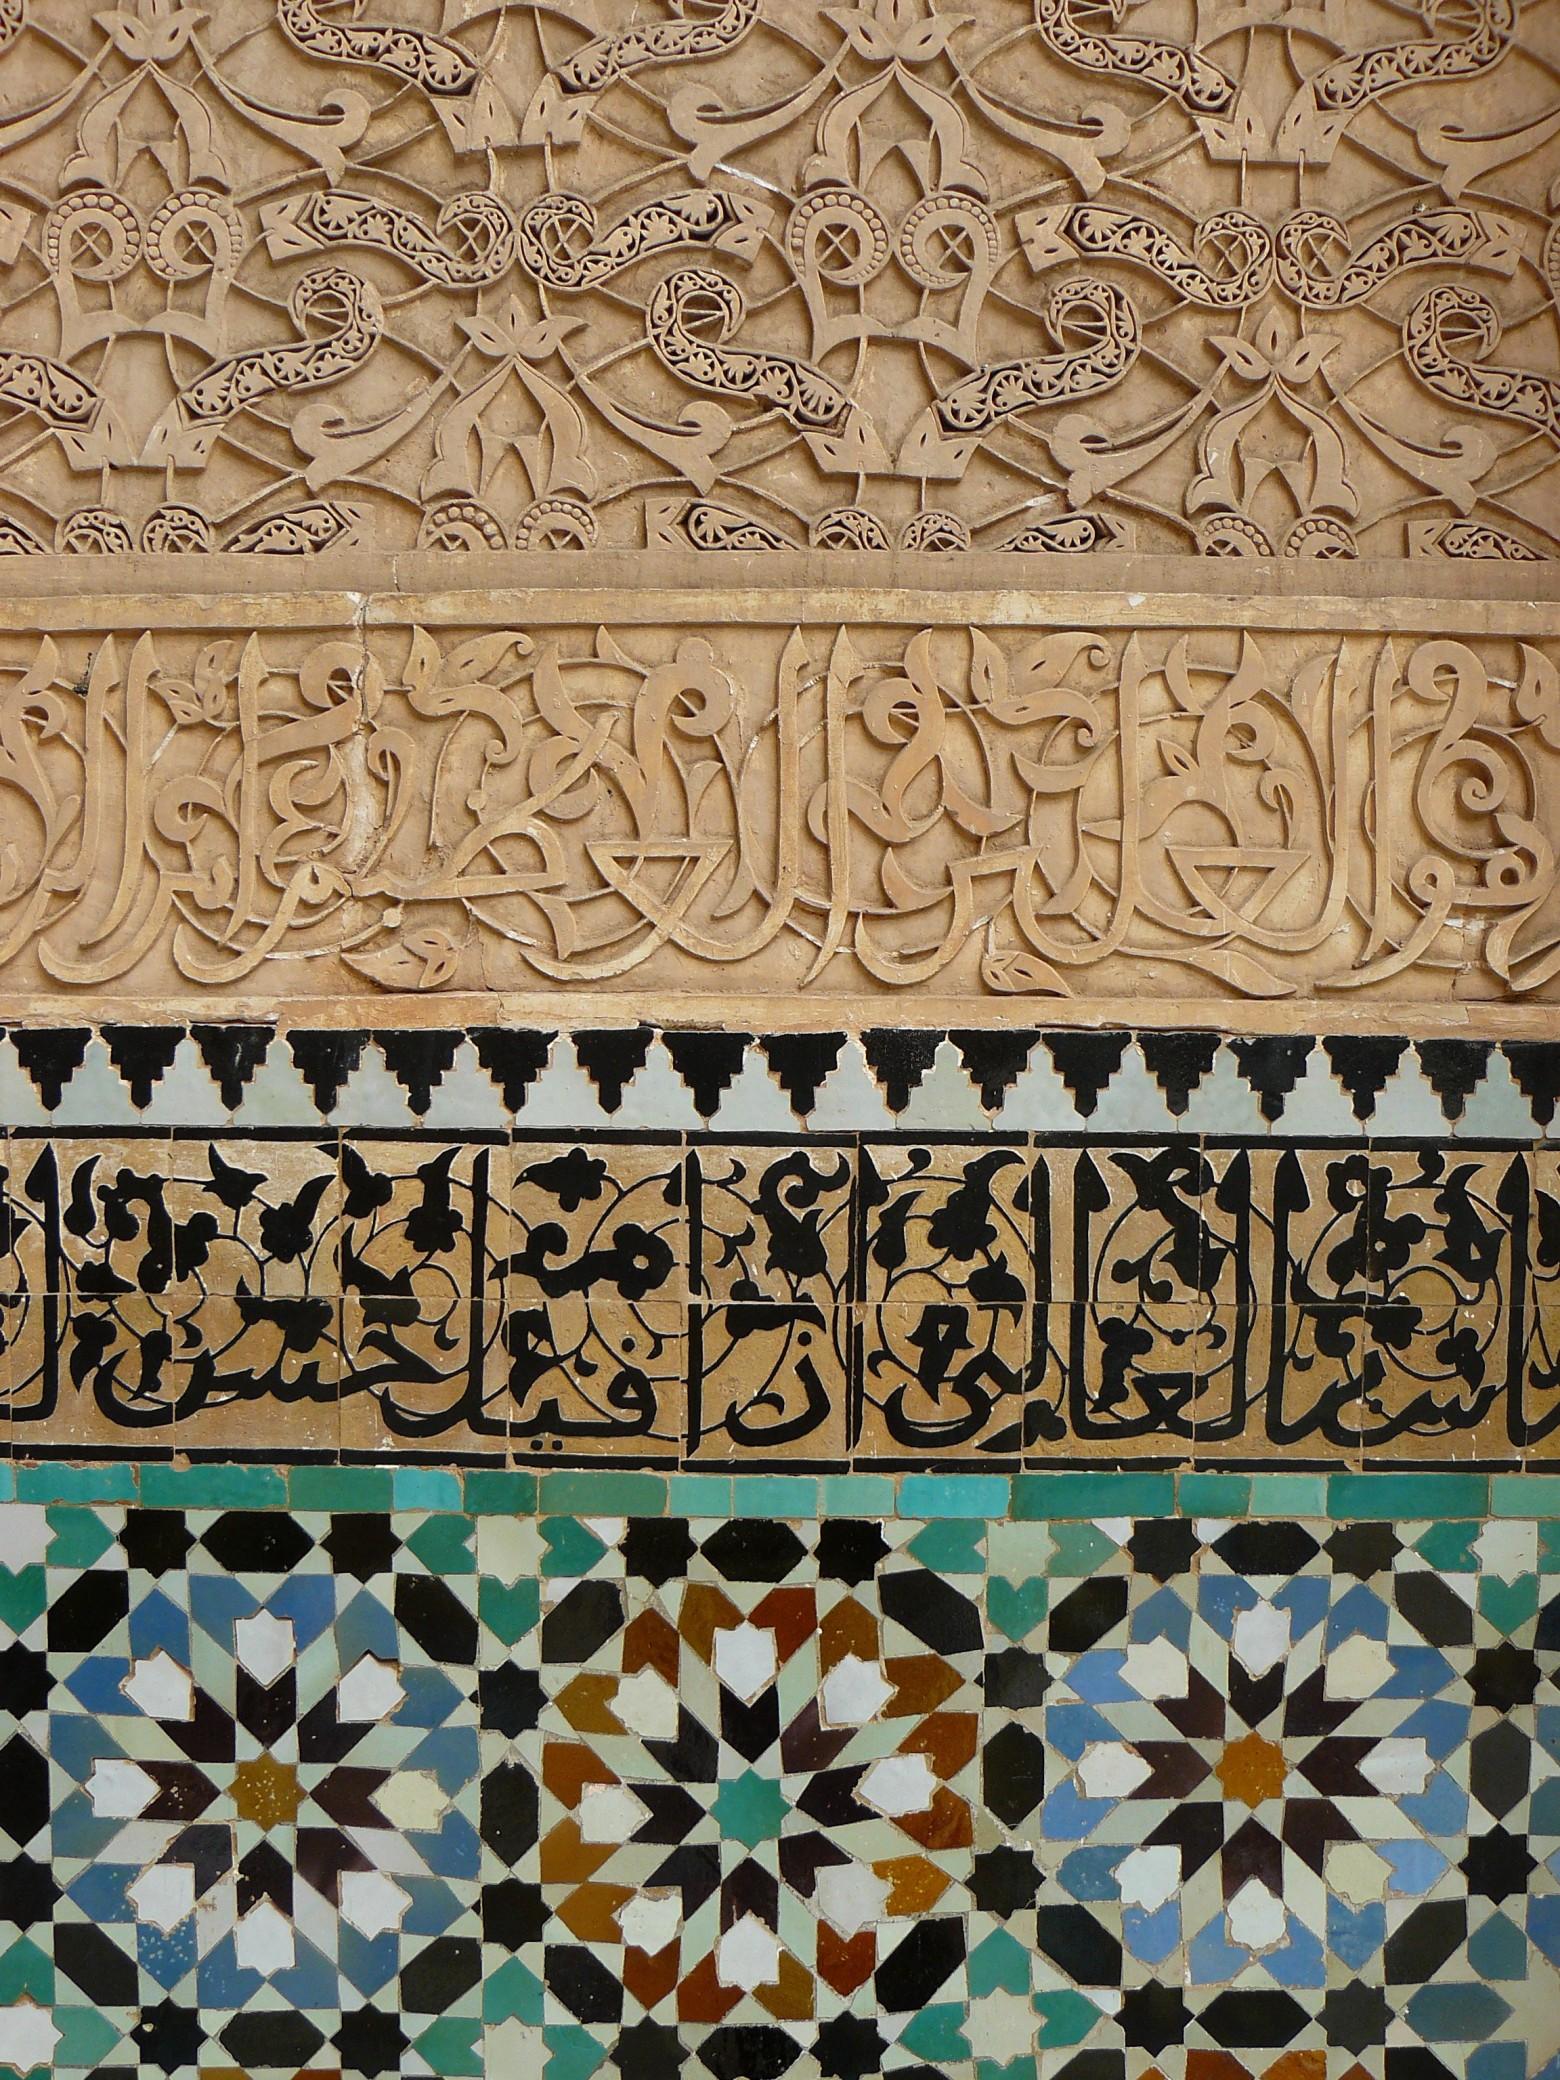 fresque mosaique orientale maroc images photos gratuites. Black Bedroom Furniture Sets. Home Design Ideas